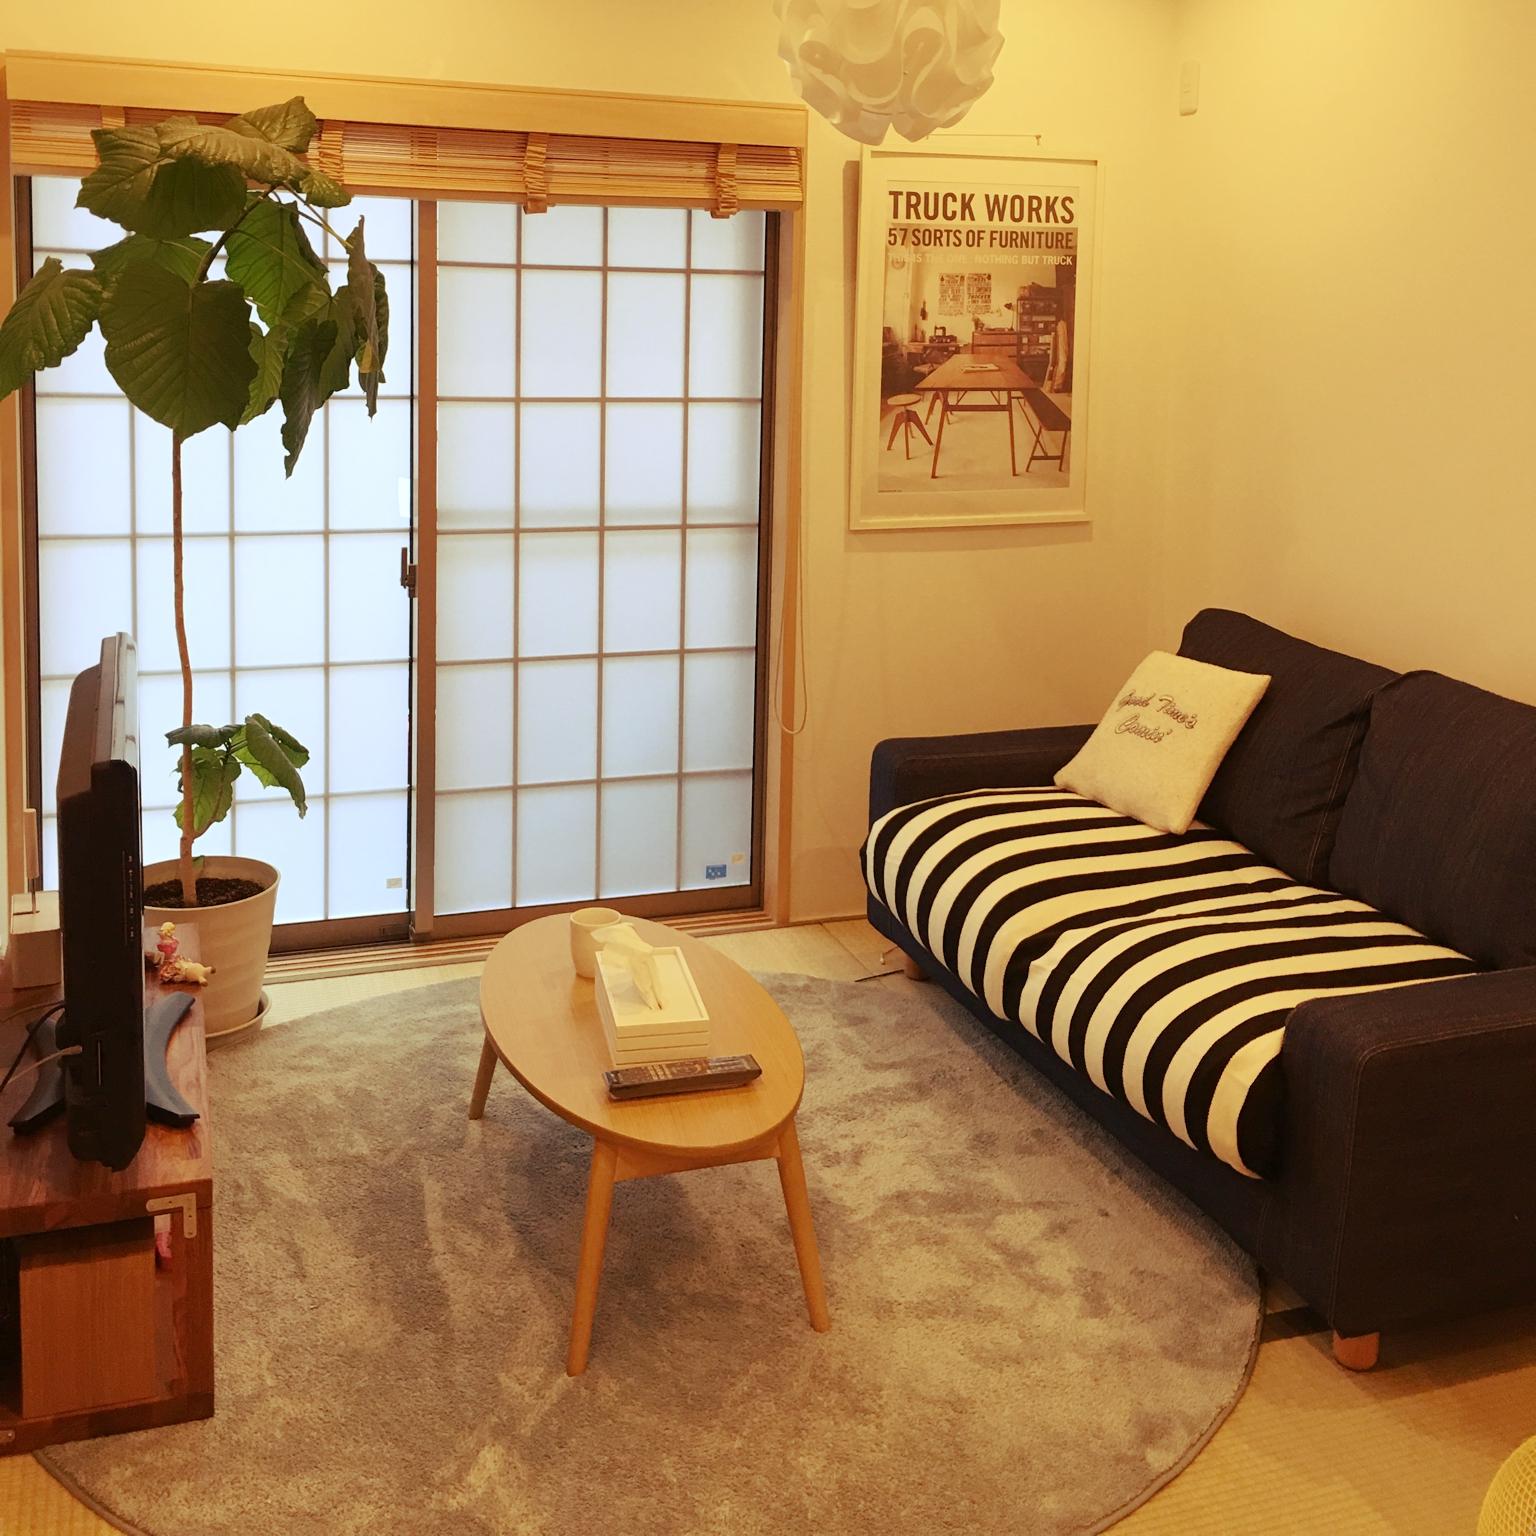 女性で、4LDK、家族住まいの和室のインテリア/北欧インテリア/建売住宅/ボーダー/四畳半和室/無印良品…などについてのインテリア実例を紹介。